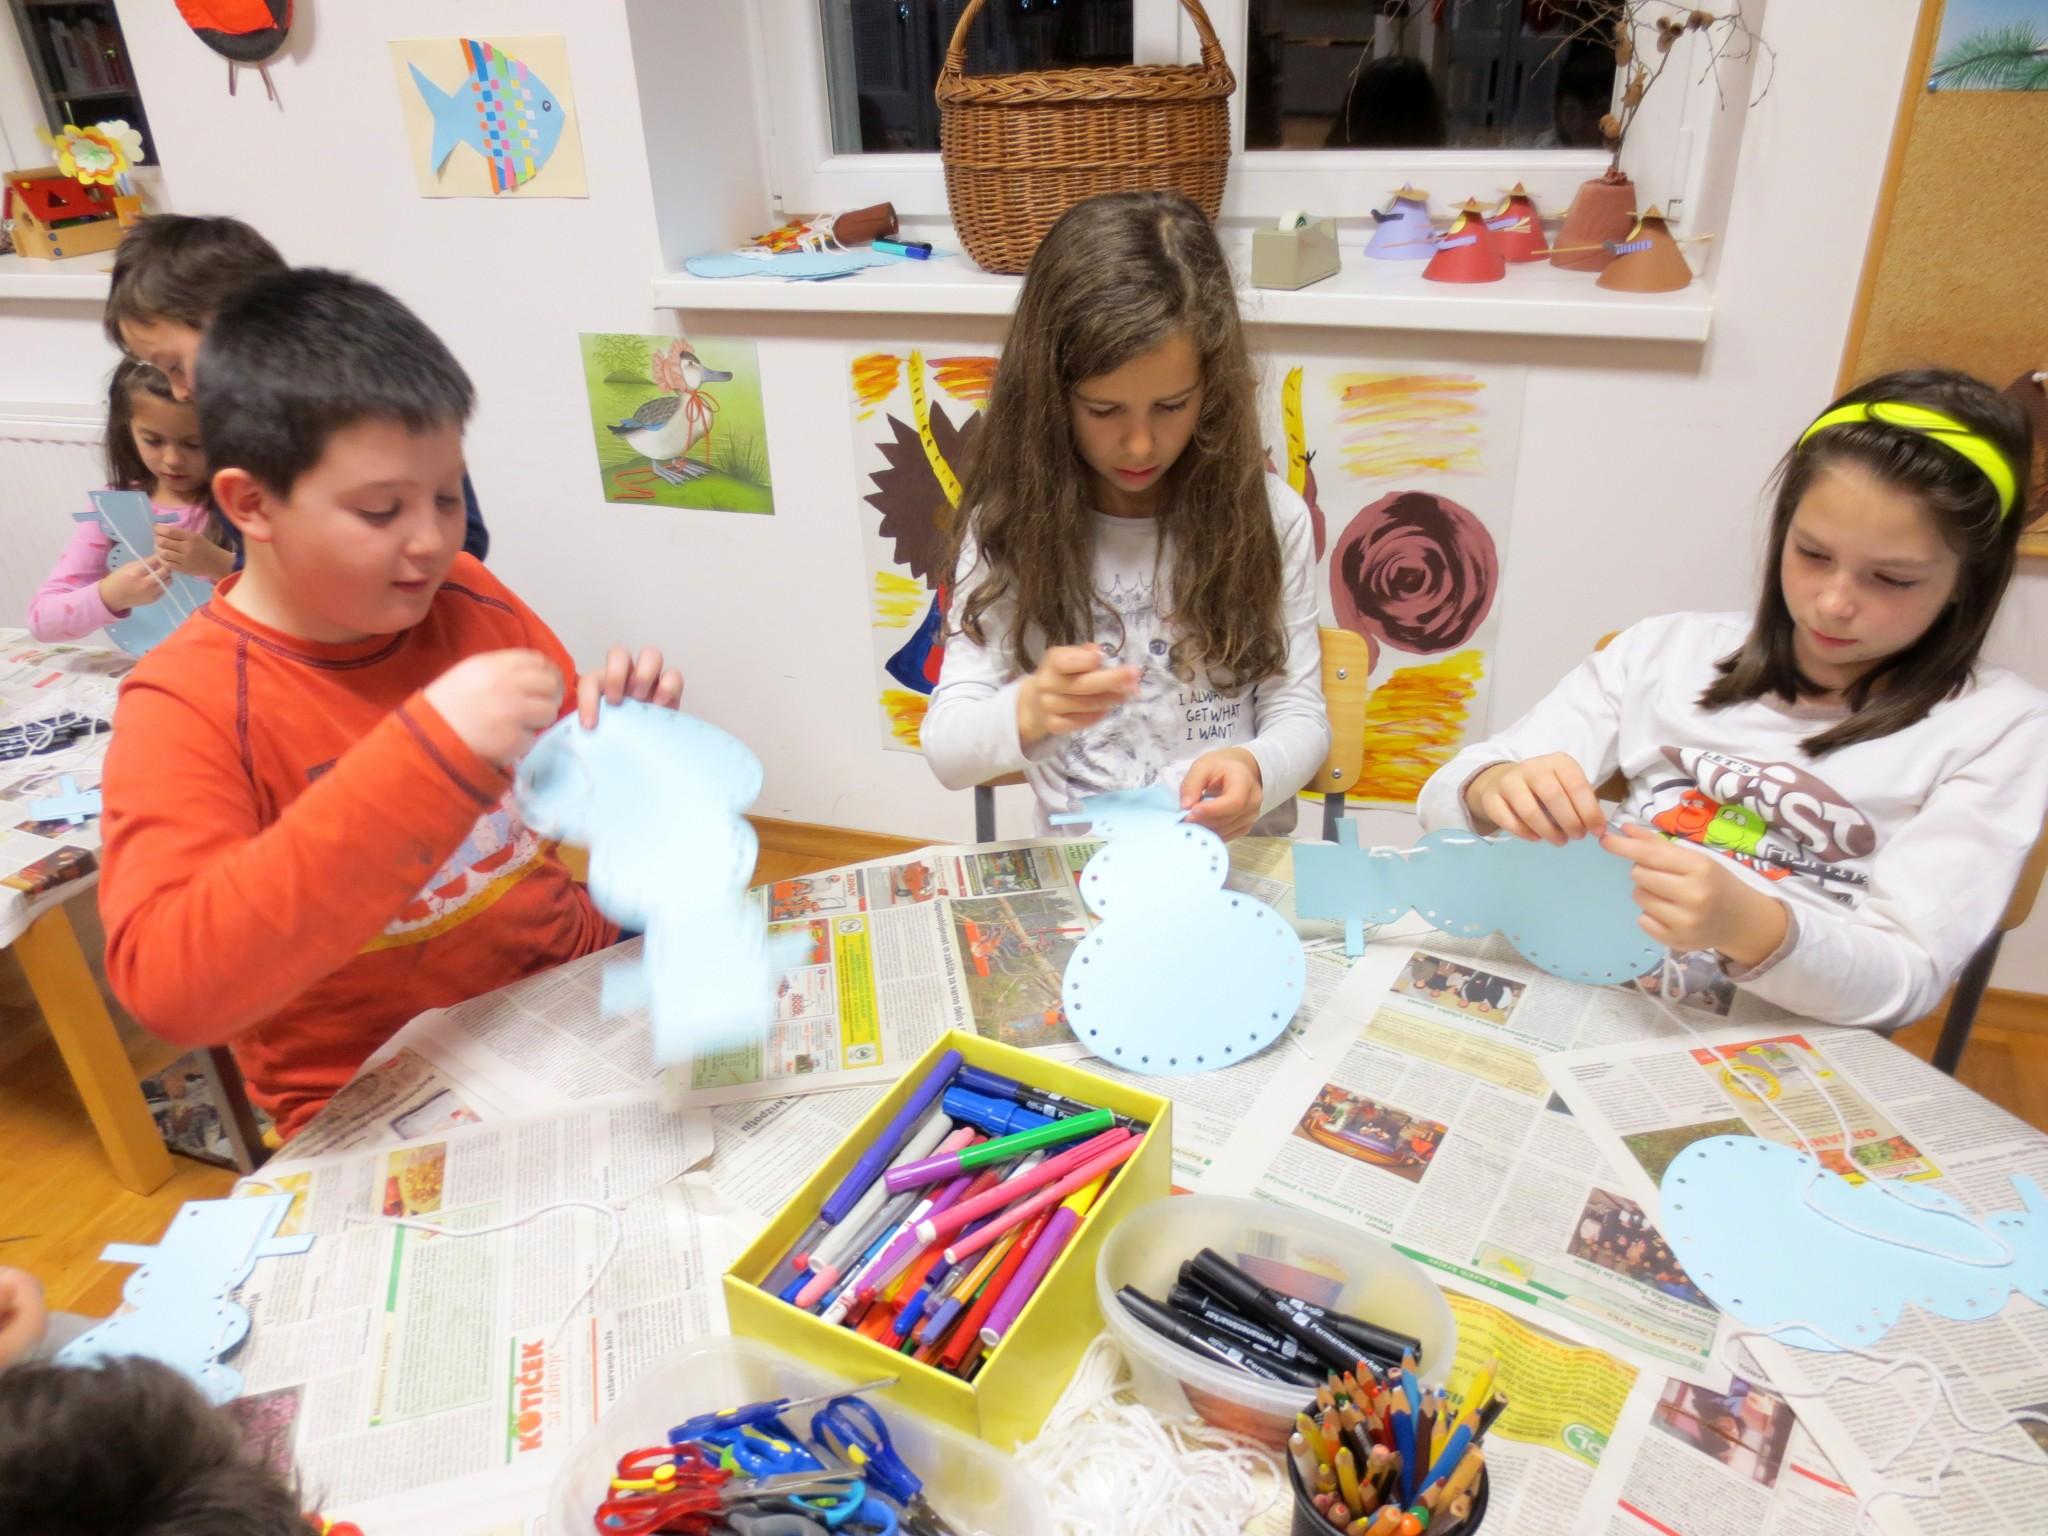 IMG 3383 - Pravljična ura in ustvarjalna delavnica za otroke od 4. leta dalje